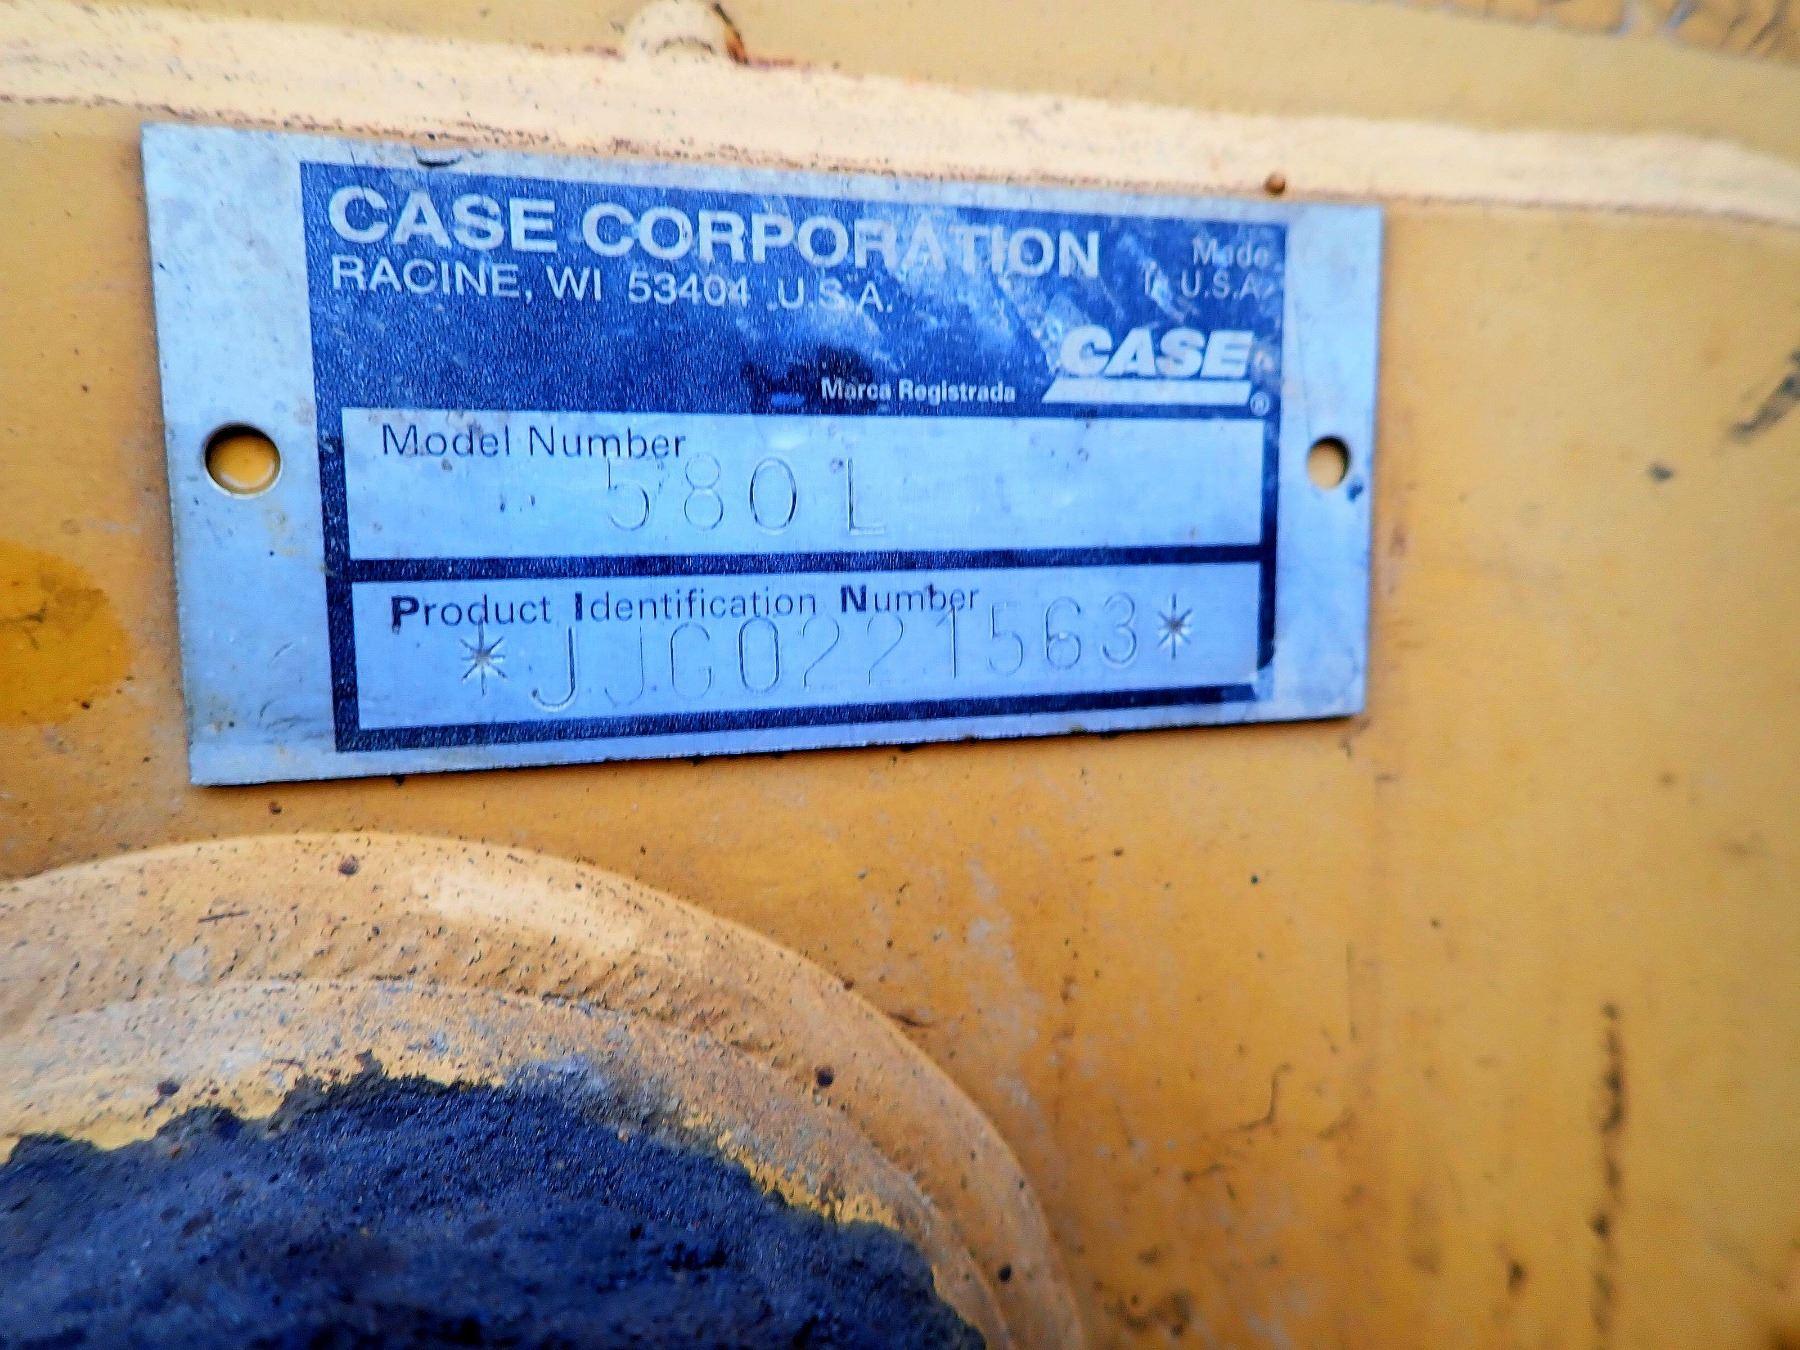 1996 CASE 580L LOADER BACKHOE, VIN/SN:JJG0221563 - BUCKET, E-STICK, CANOPY,  METER READING 7,754 HOUR